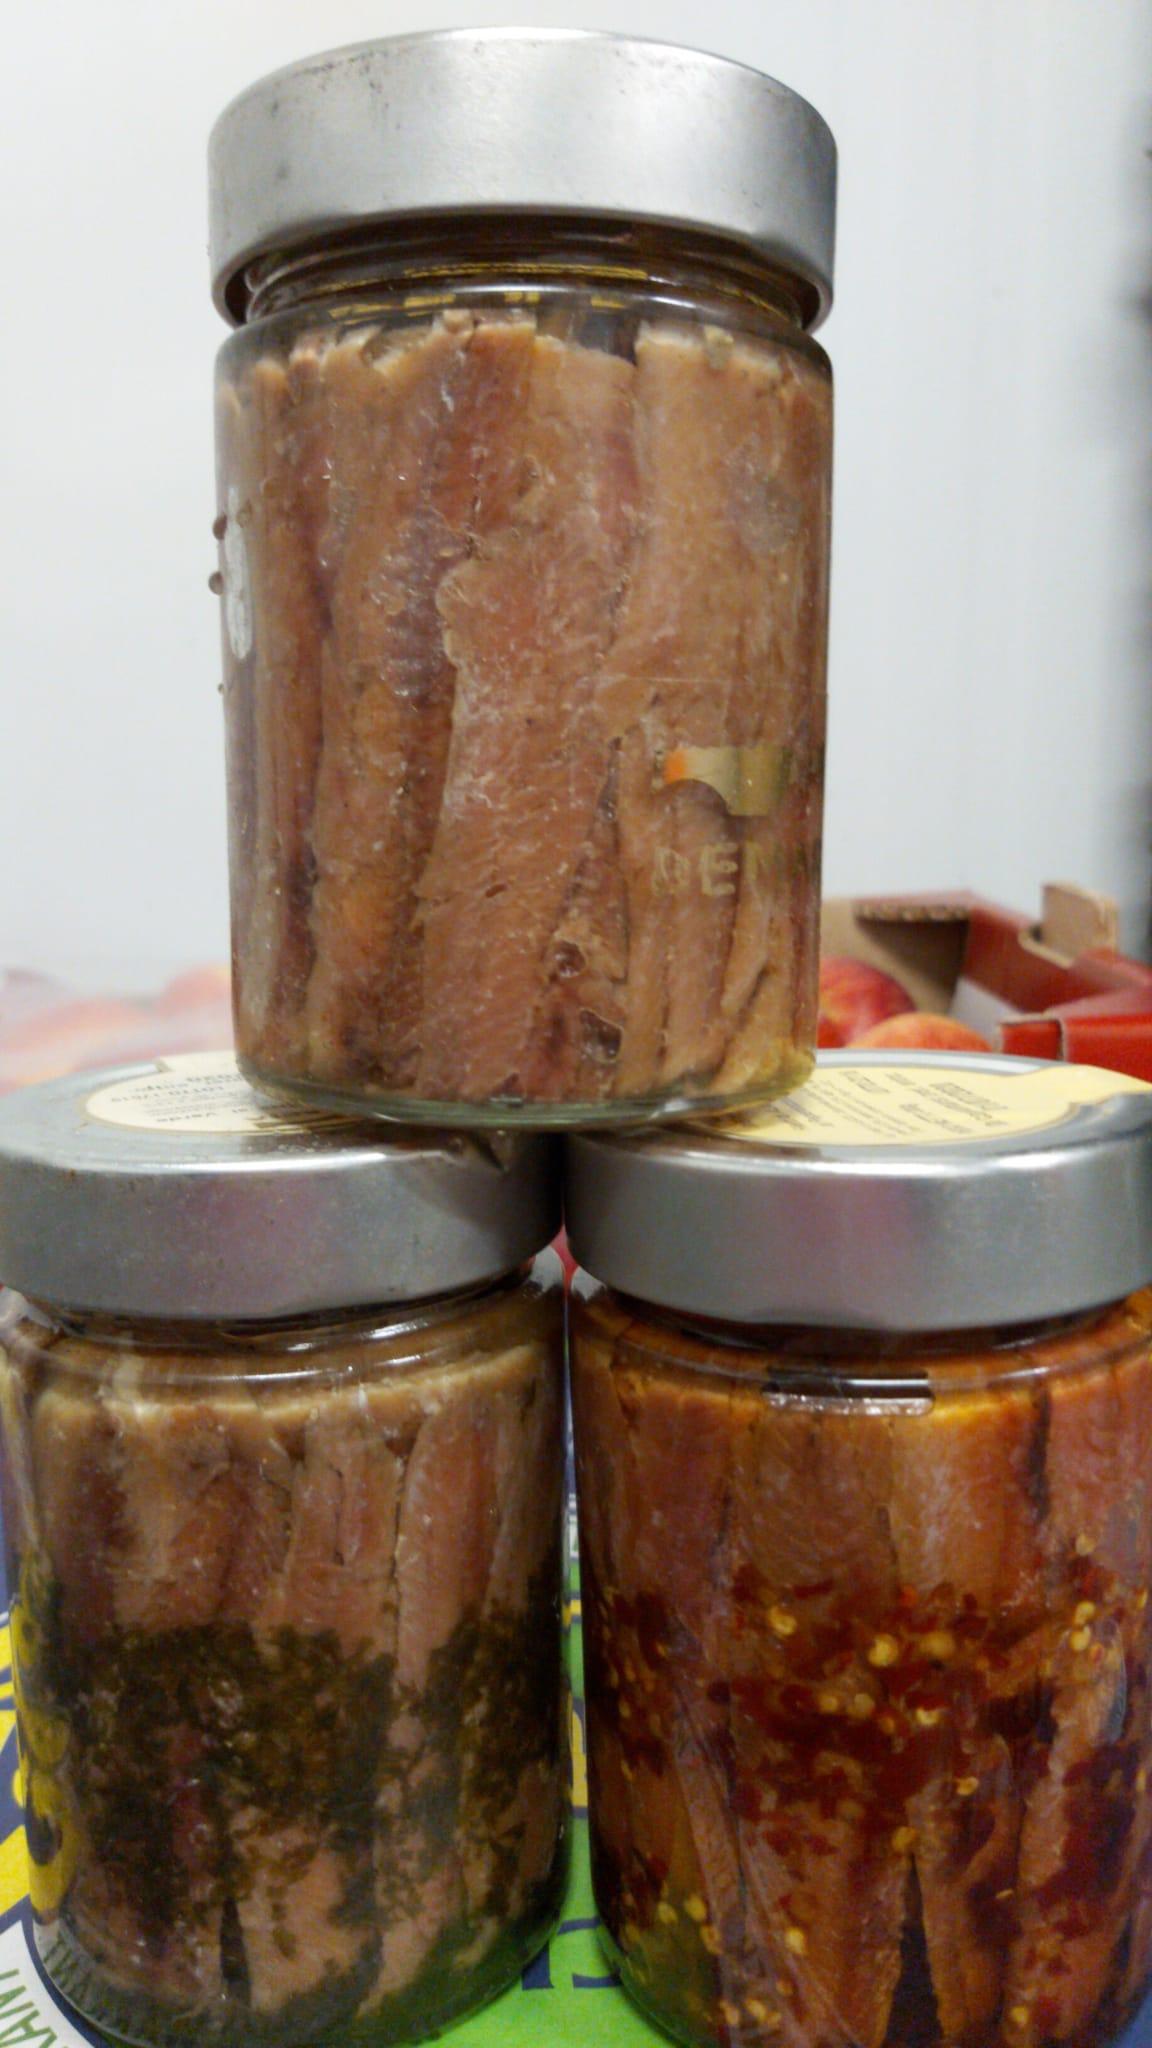 Acciughe sott'olio naturale, al peperoncino e prezzemolo OFFERTA DEL GIORNO